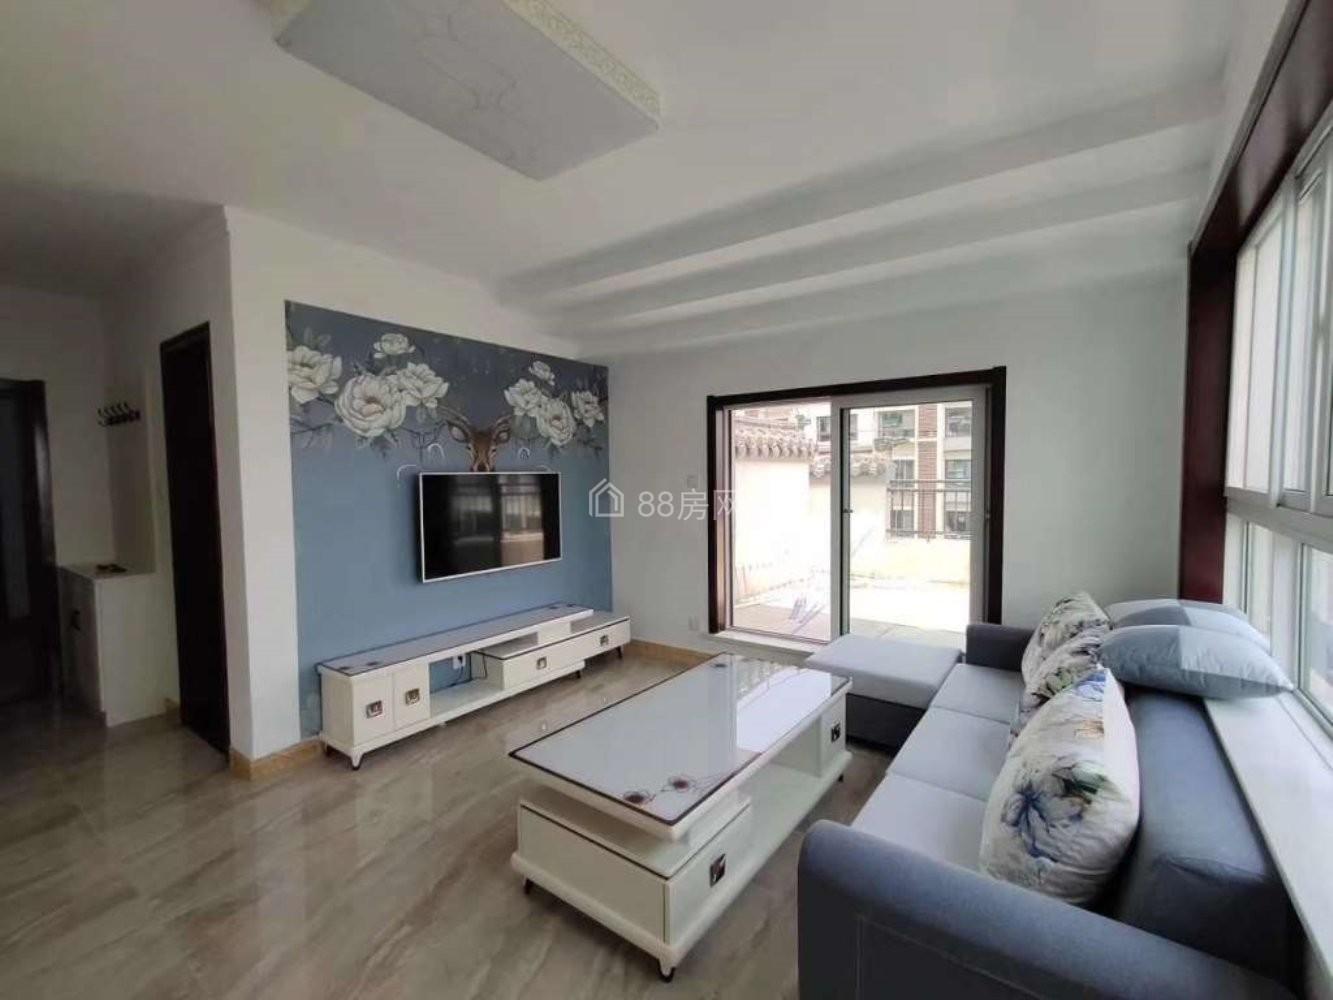 一六泰紫荆城精装两室家具家电齐全拎包入住 接受年中新学生预定